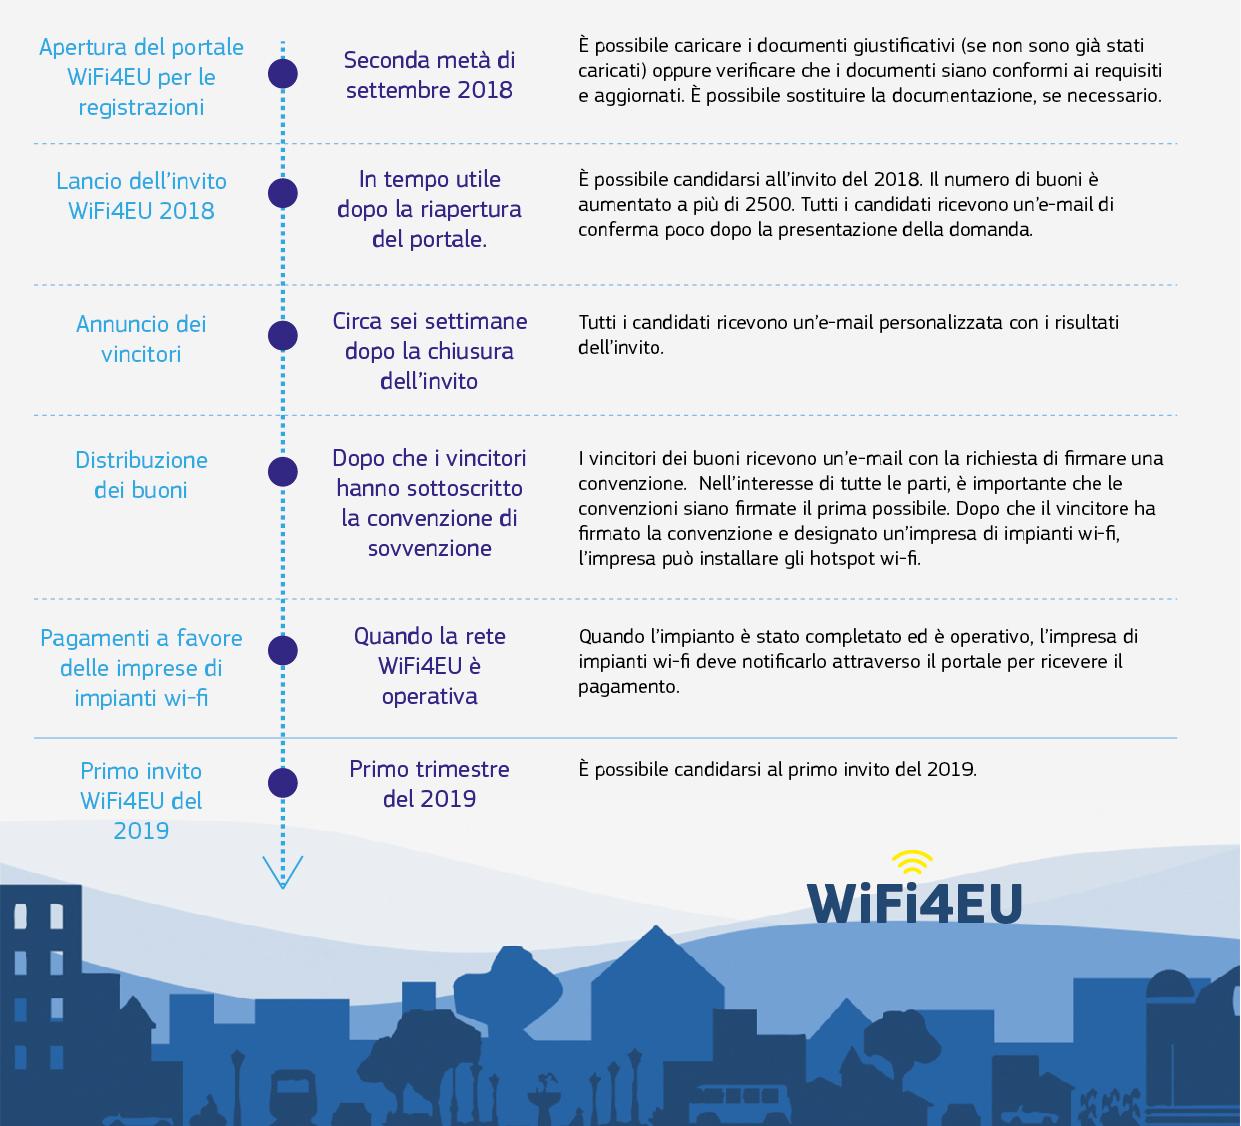 wifi4eu timeline - Web. Riprende il bando WiFi4EU per la connessione wi-fi gratuita negli spazi pubblici